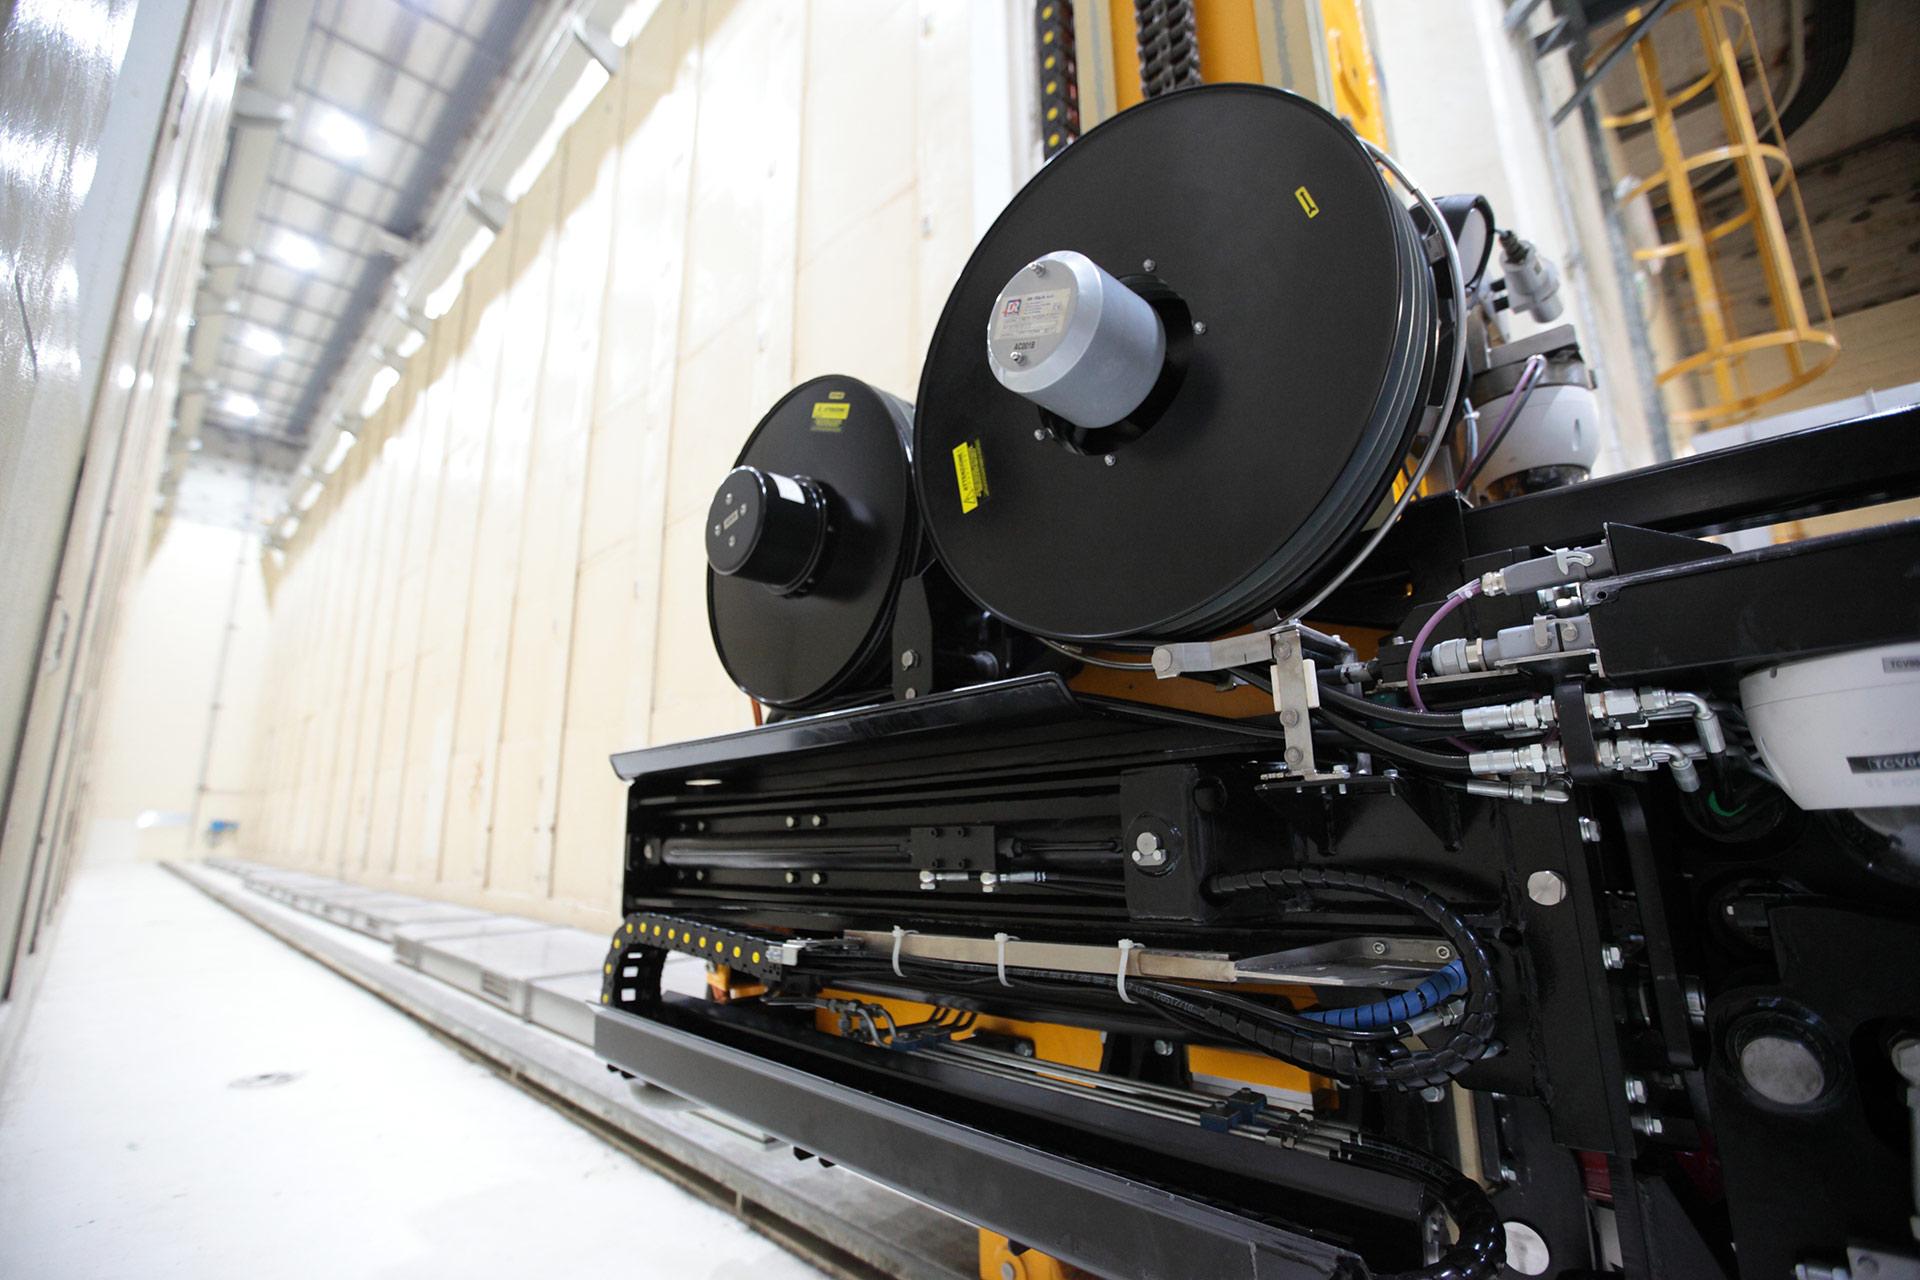 Dettaglio della macchina per recupero fusti nel deposito ERSMA